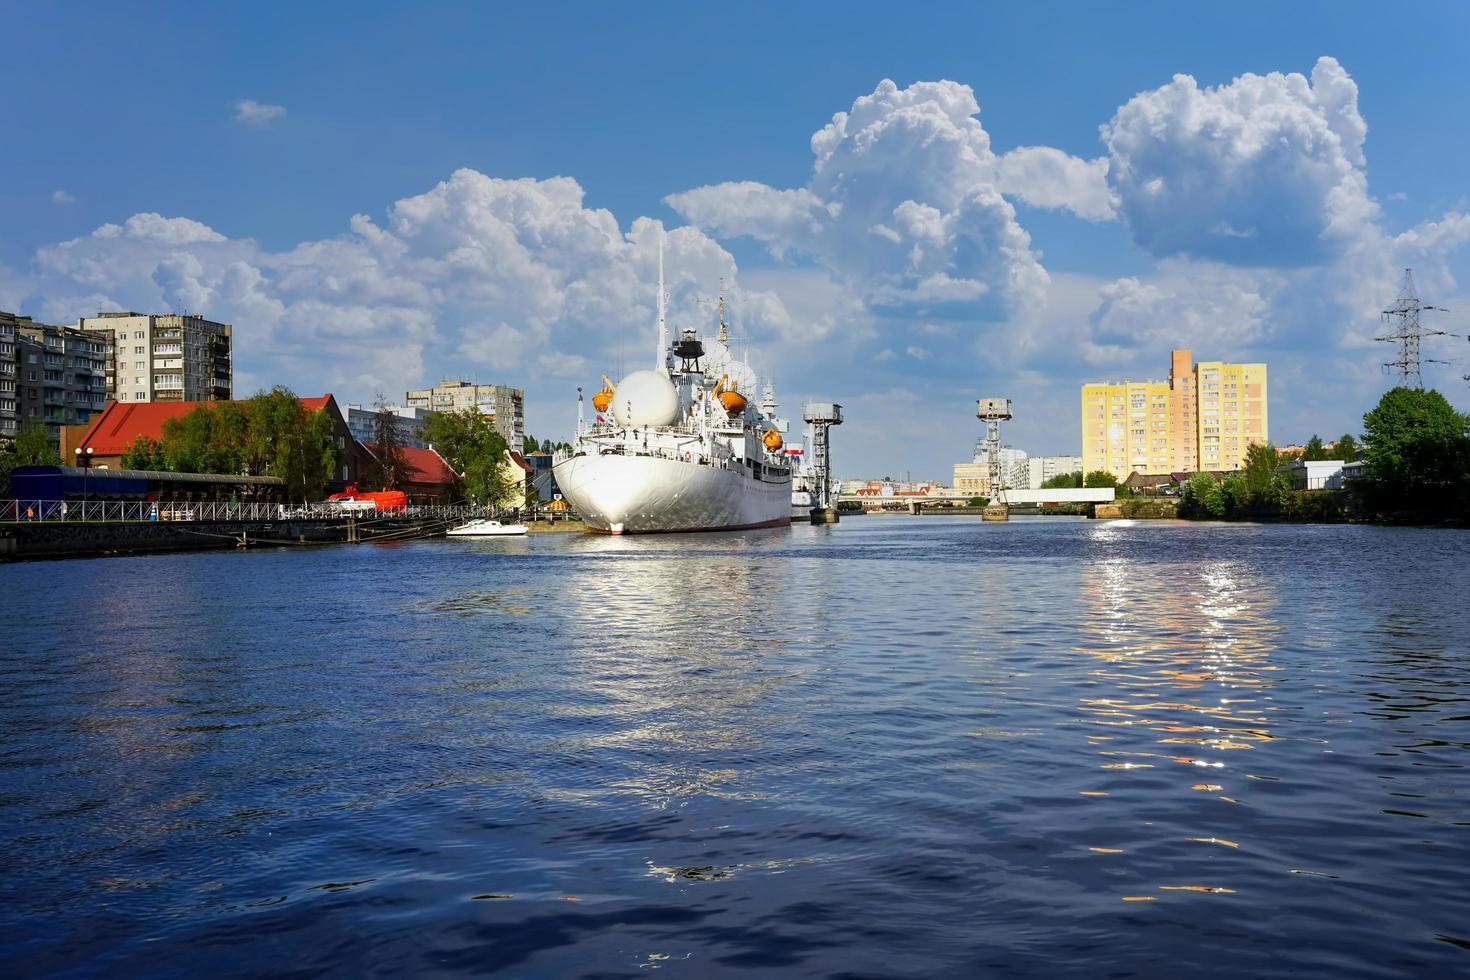 Grand navire dans la rivière pregolya avec ciel bleu nuageux à Kaliningrad, Russie photo